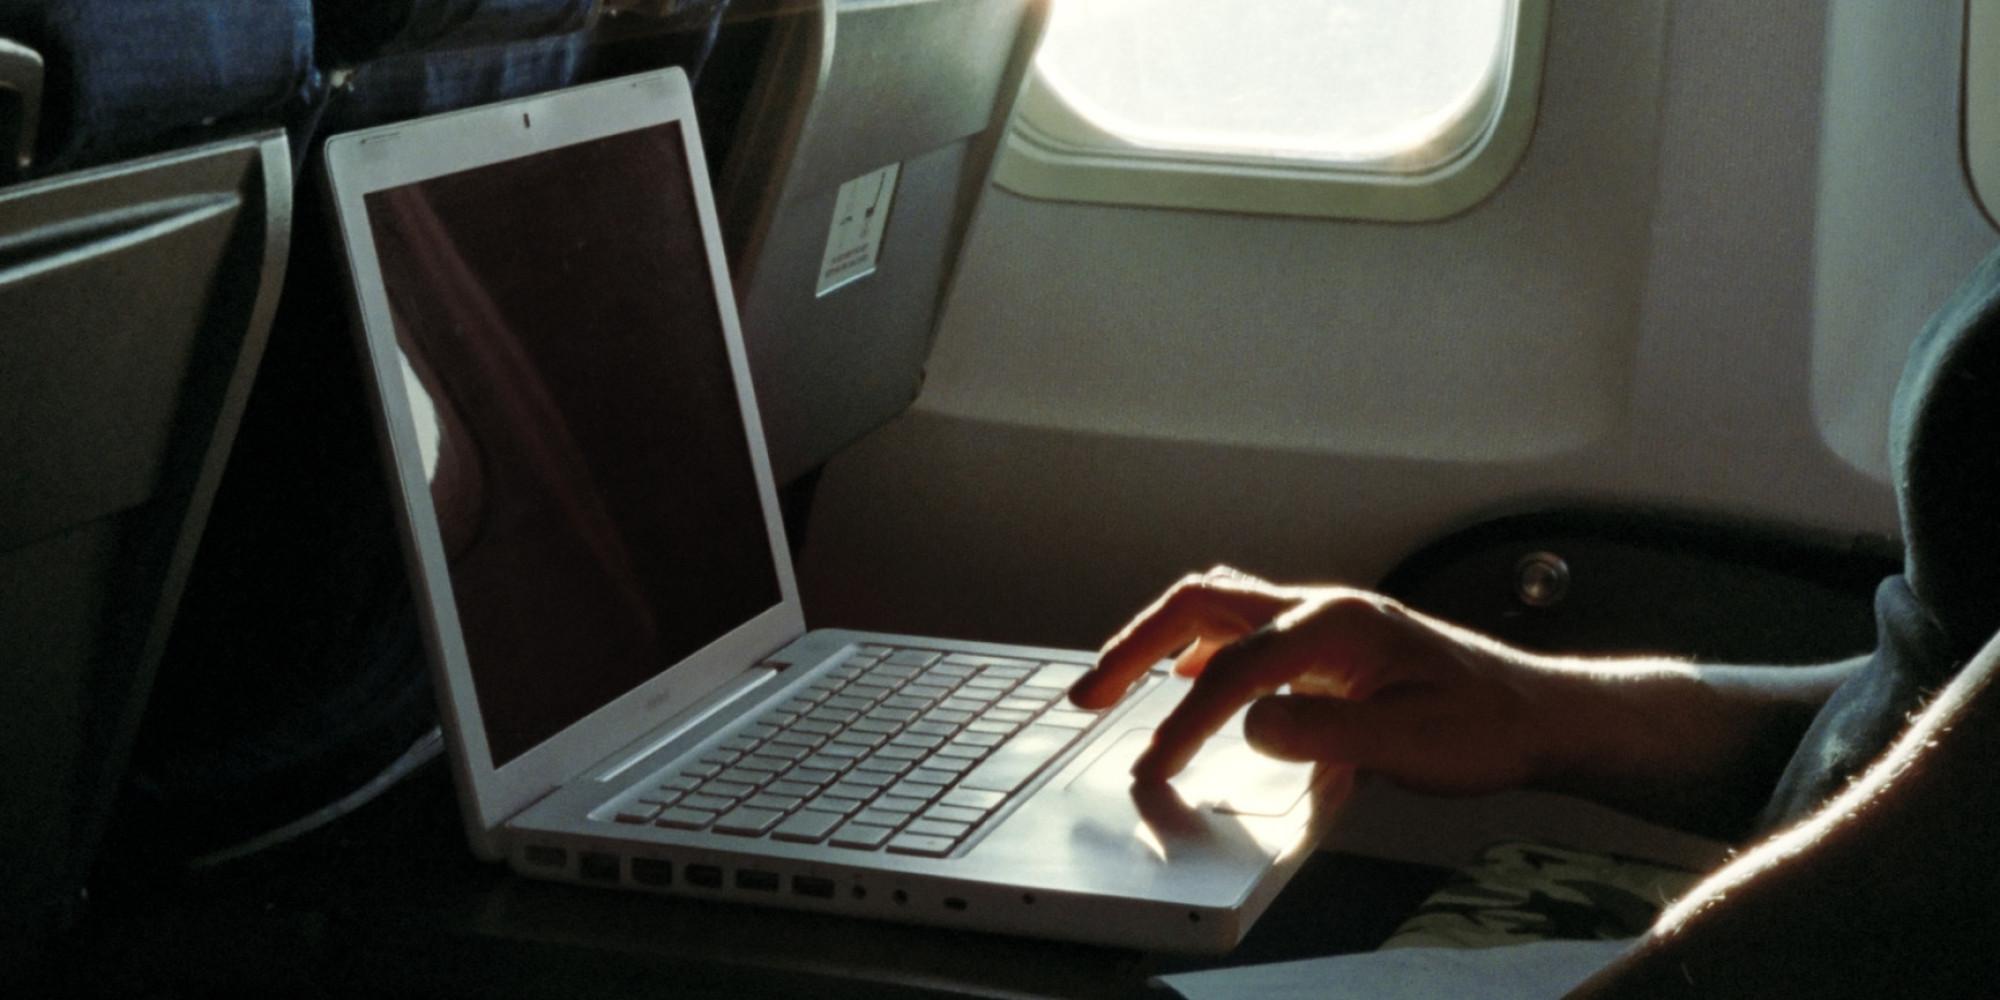 laptop plane